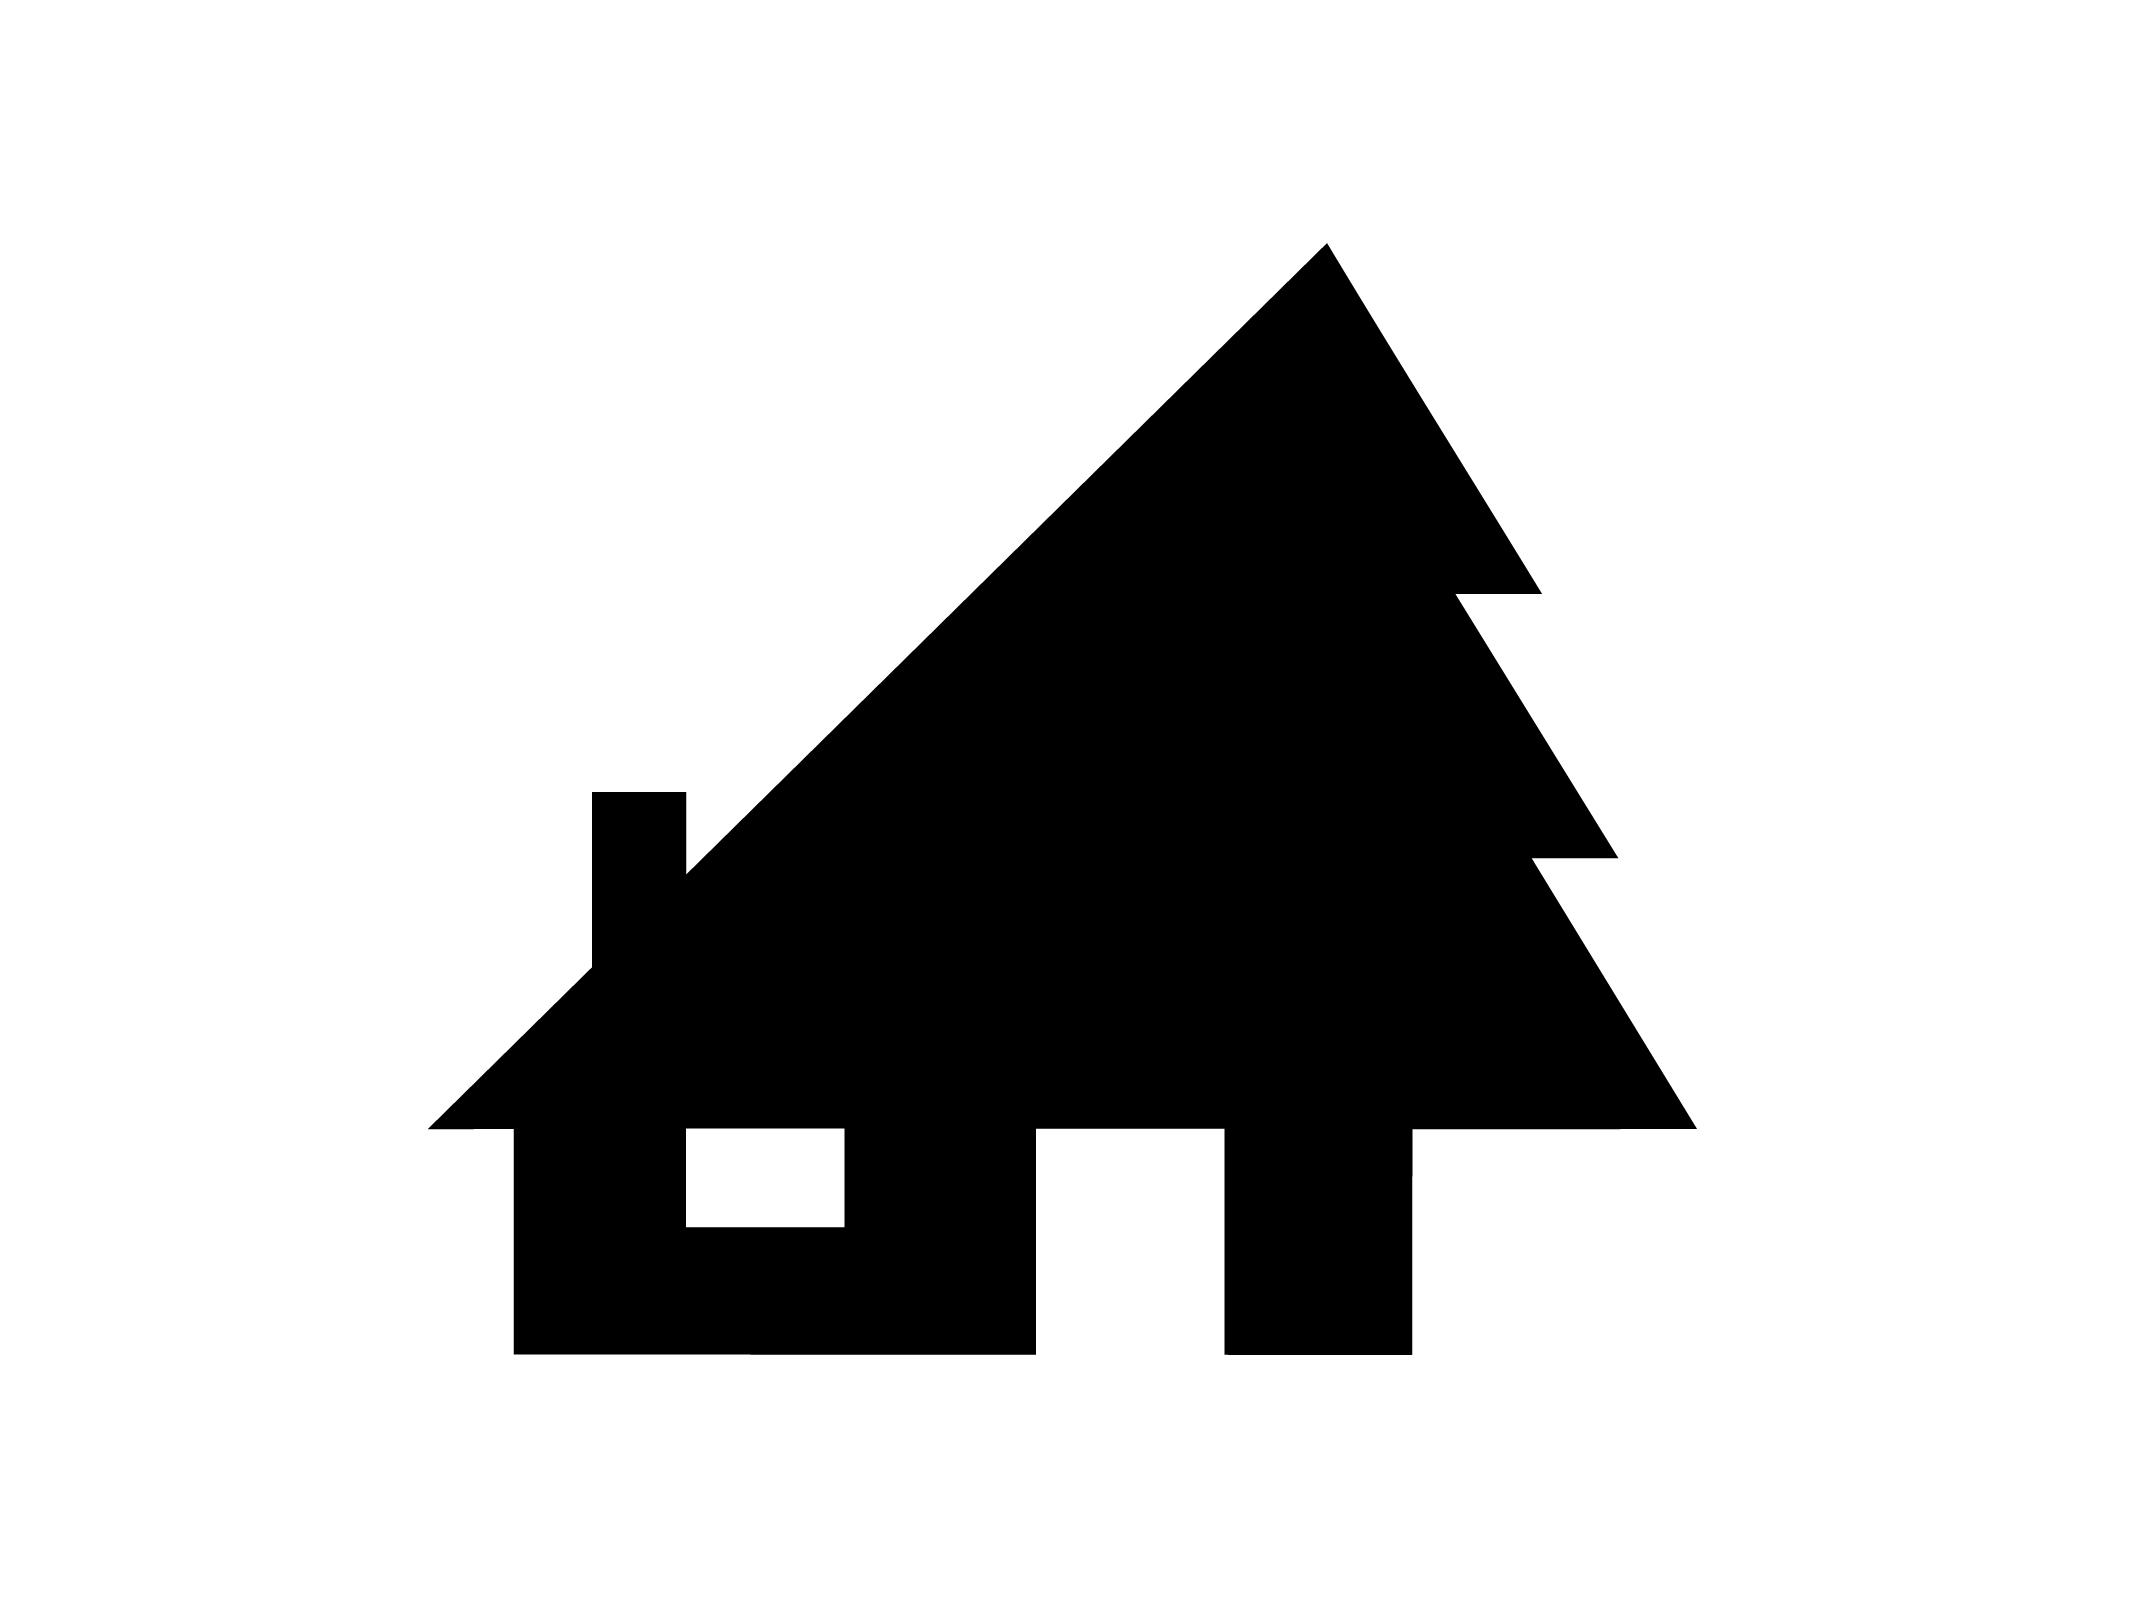 Pictograma para concepto de arquitectura sostenible for Arquitectura minimalista concepto